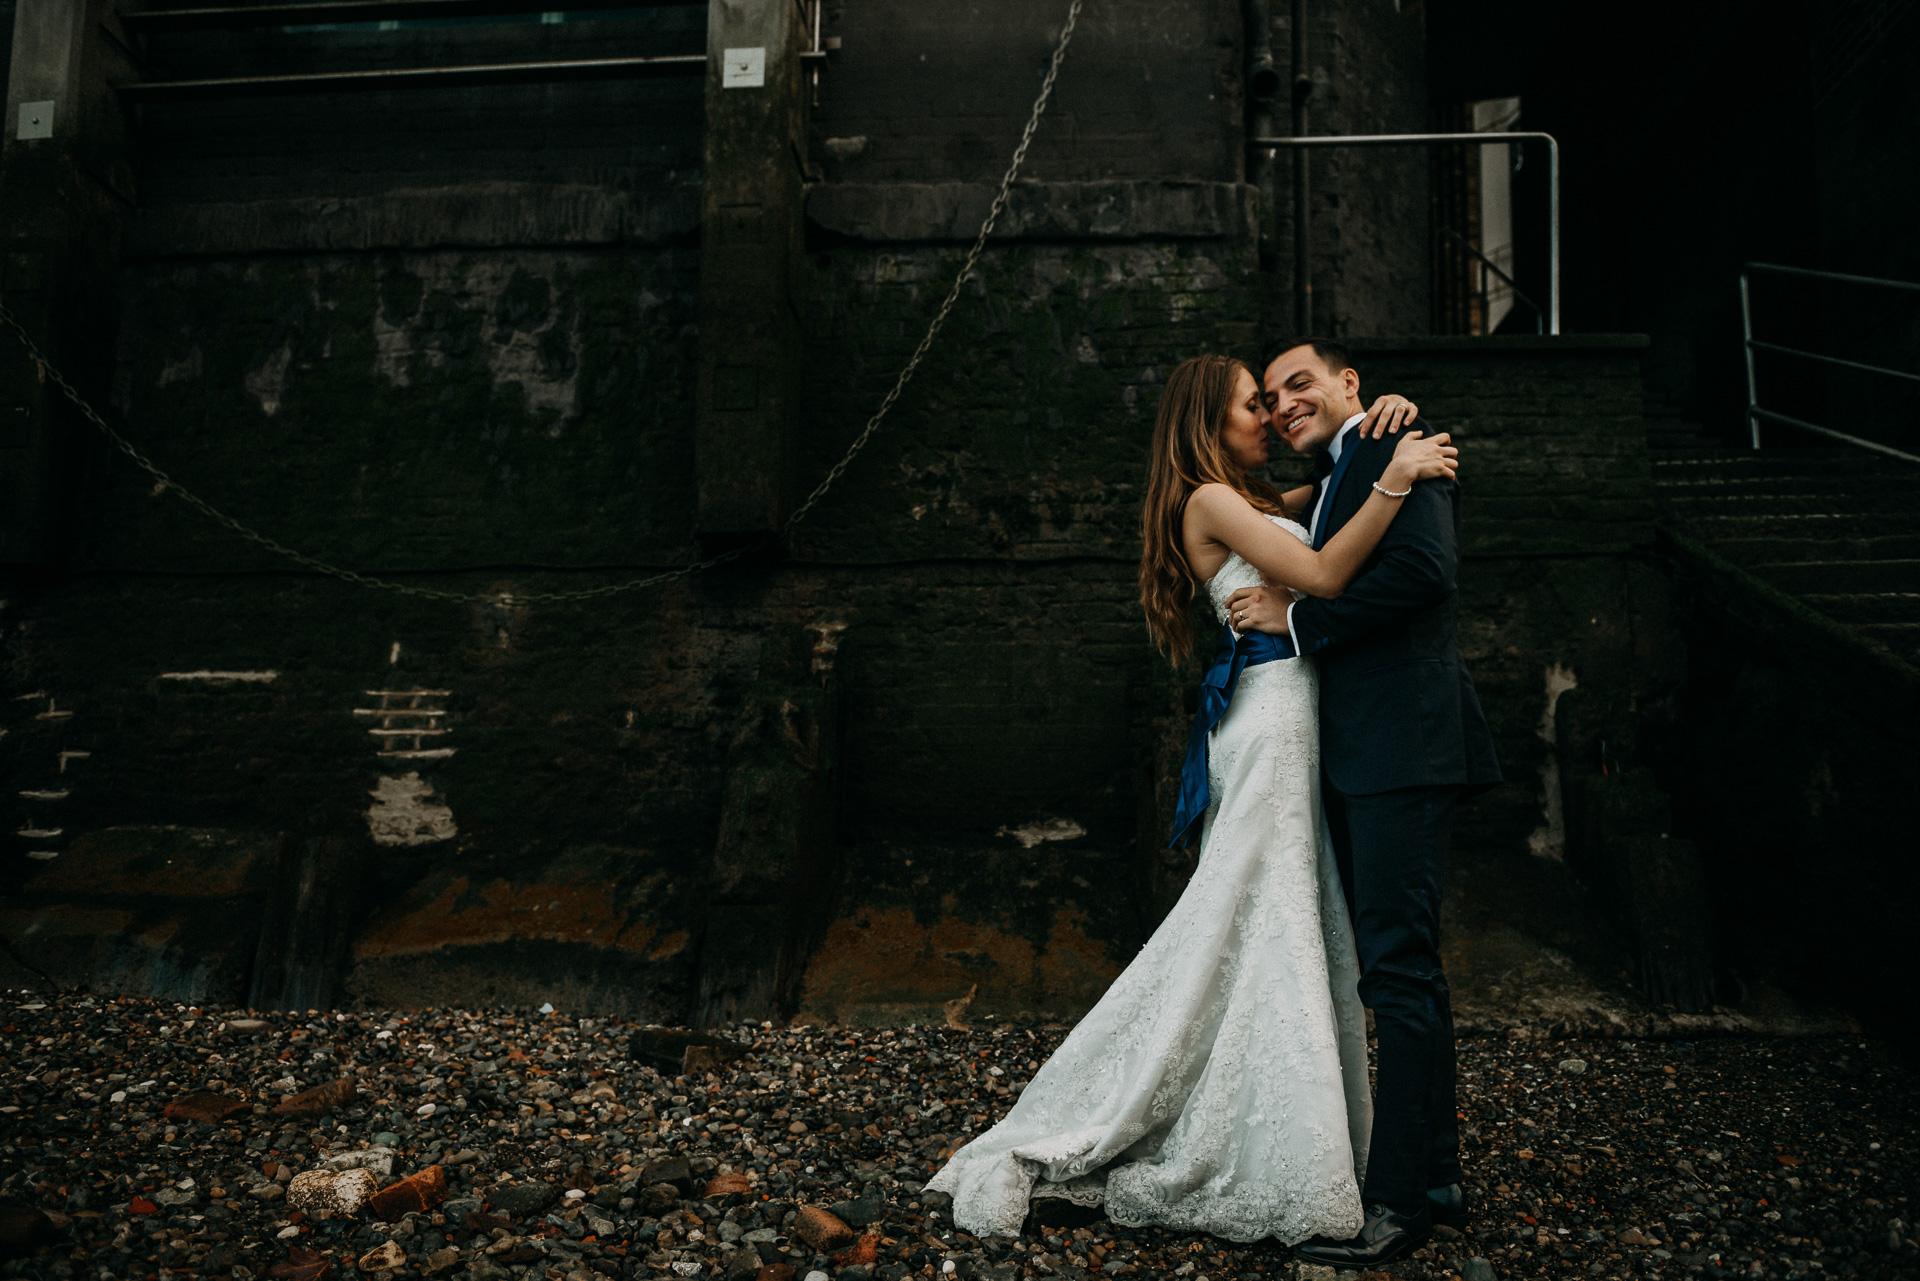 WeddArt Matrimonio a Londra